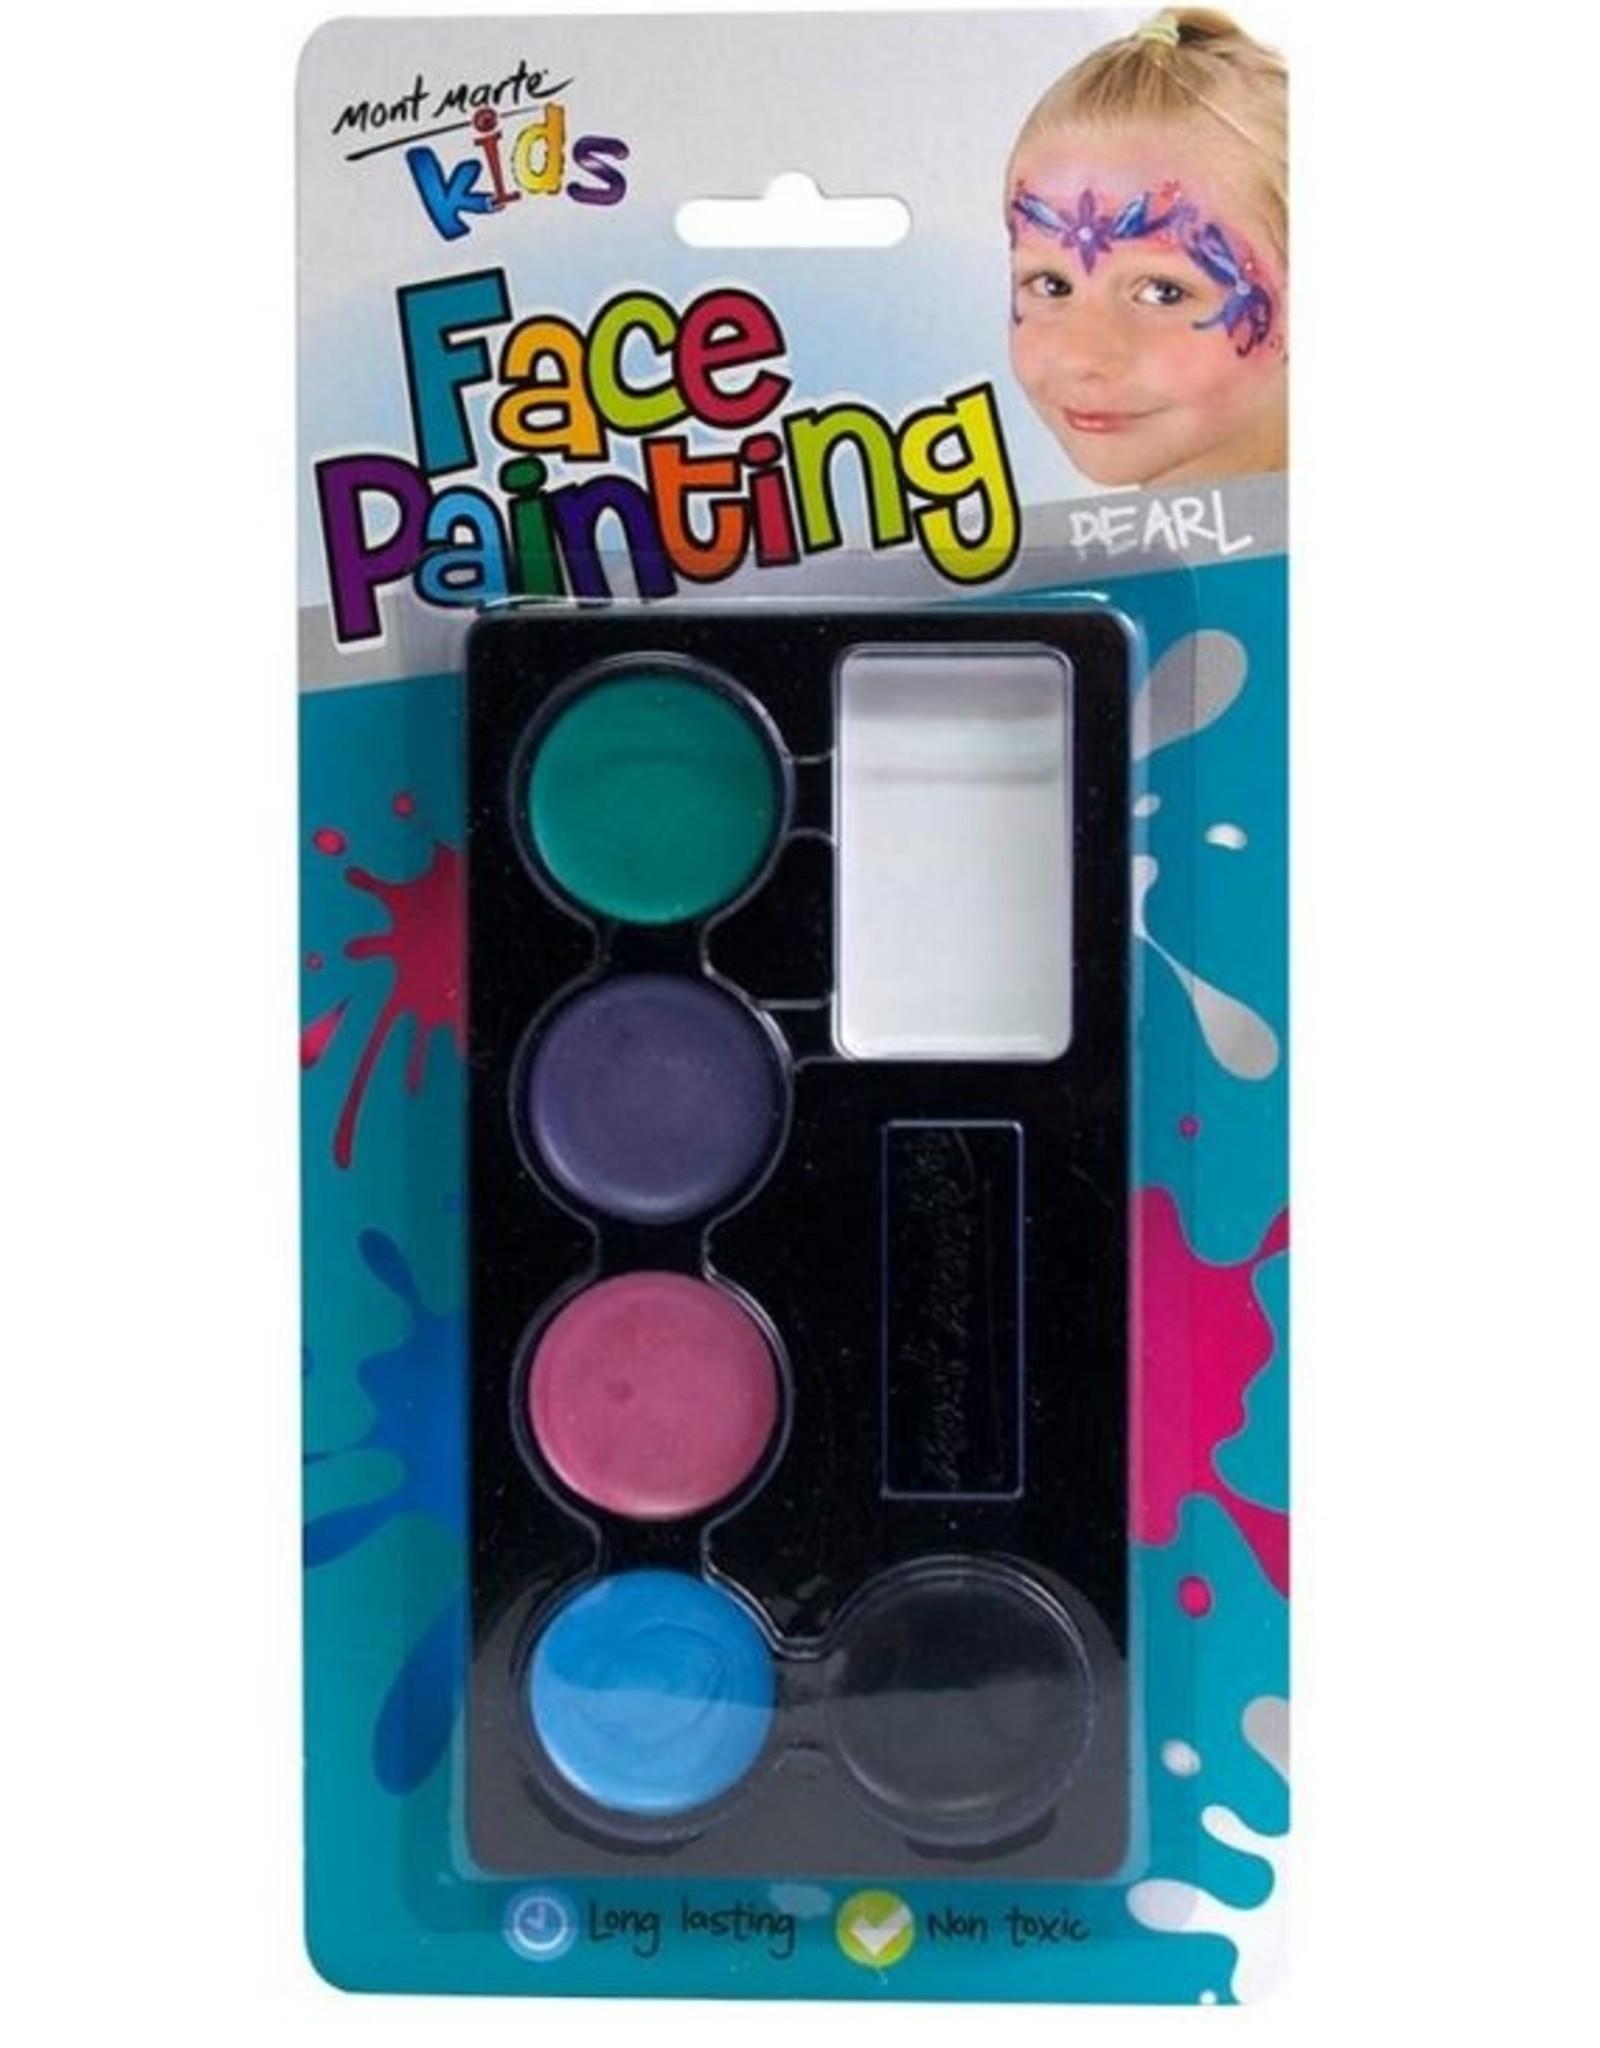 Mont Marte Kids Face Painting Set